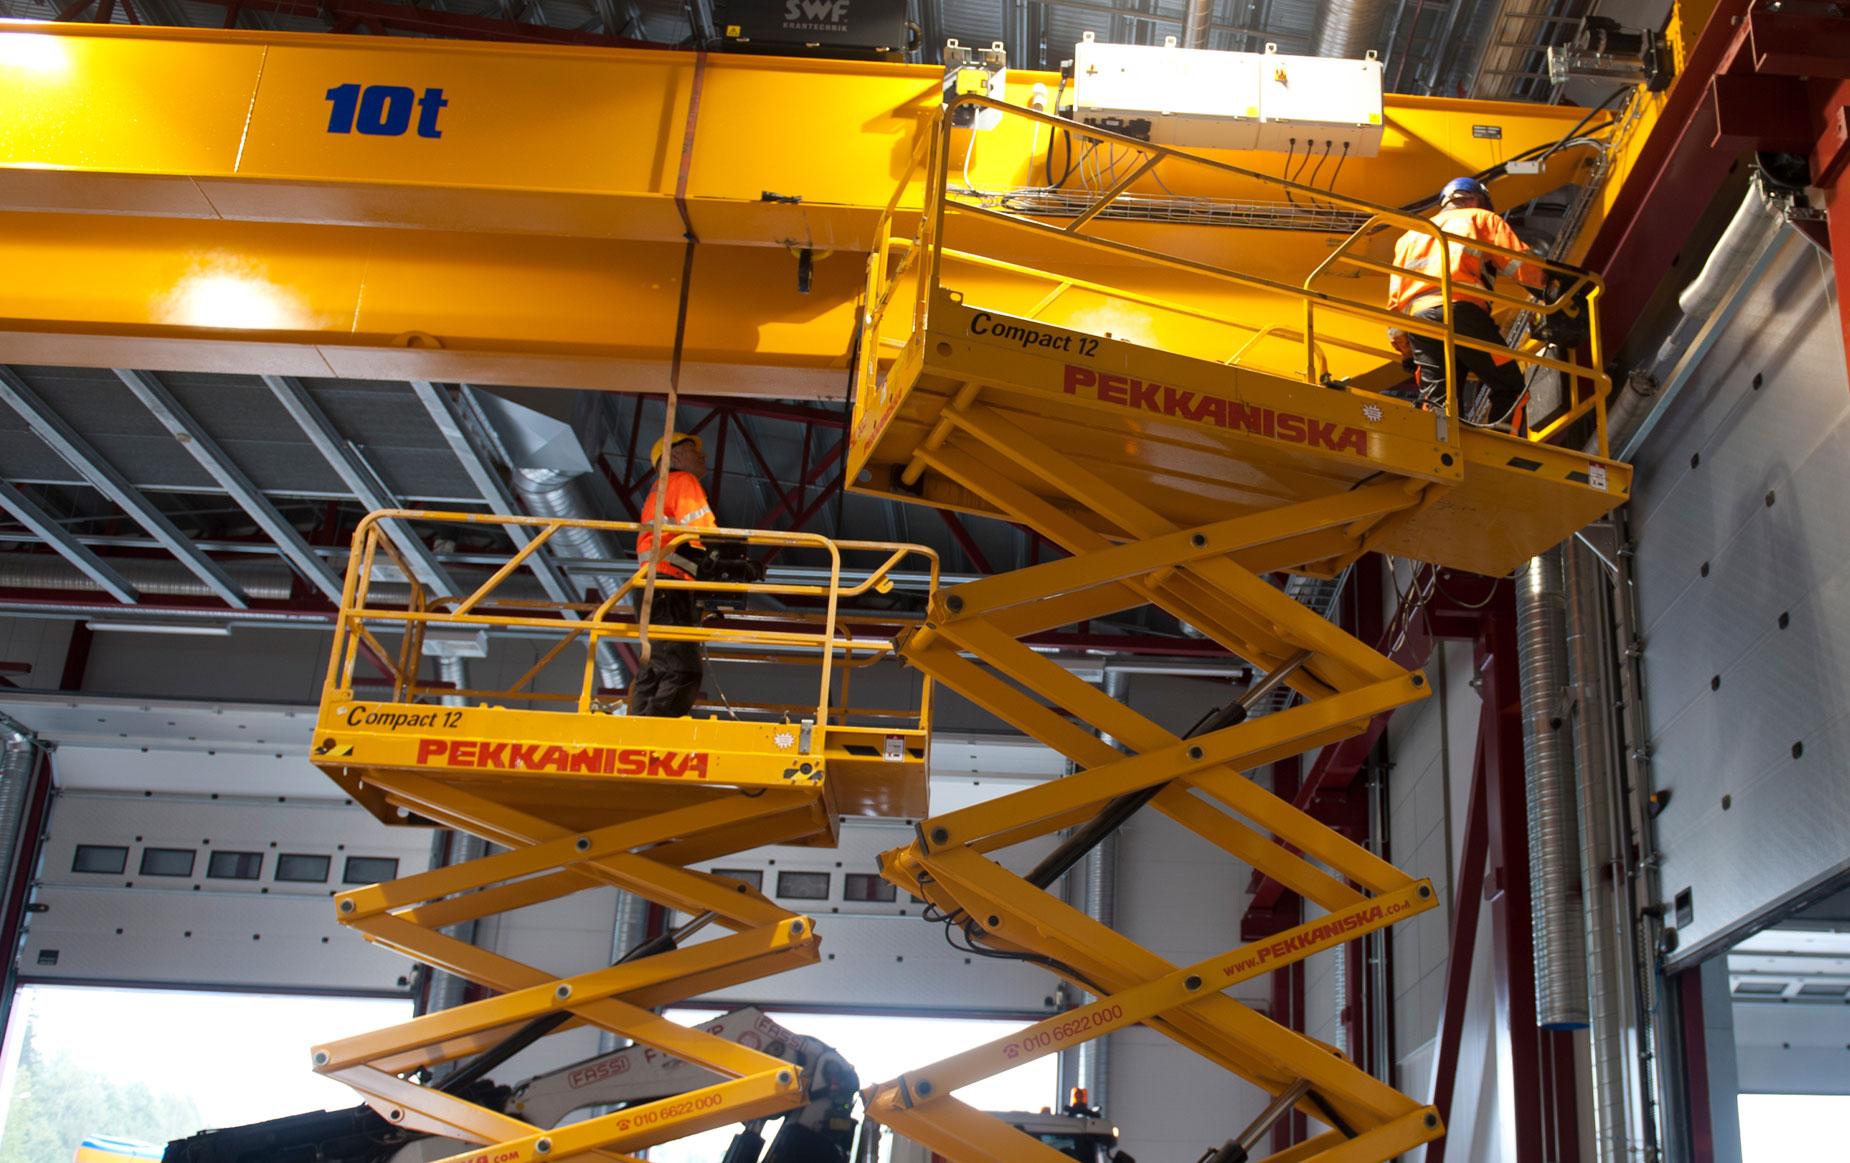 crane-service-nosturihuolto-teollisuus-metalliteollisuus-teollisuuden-siltanosturit-satateras_7